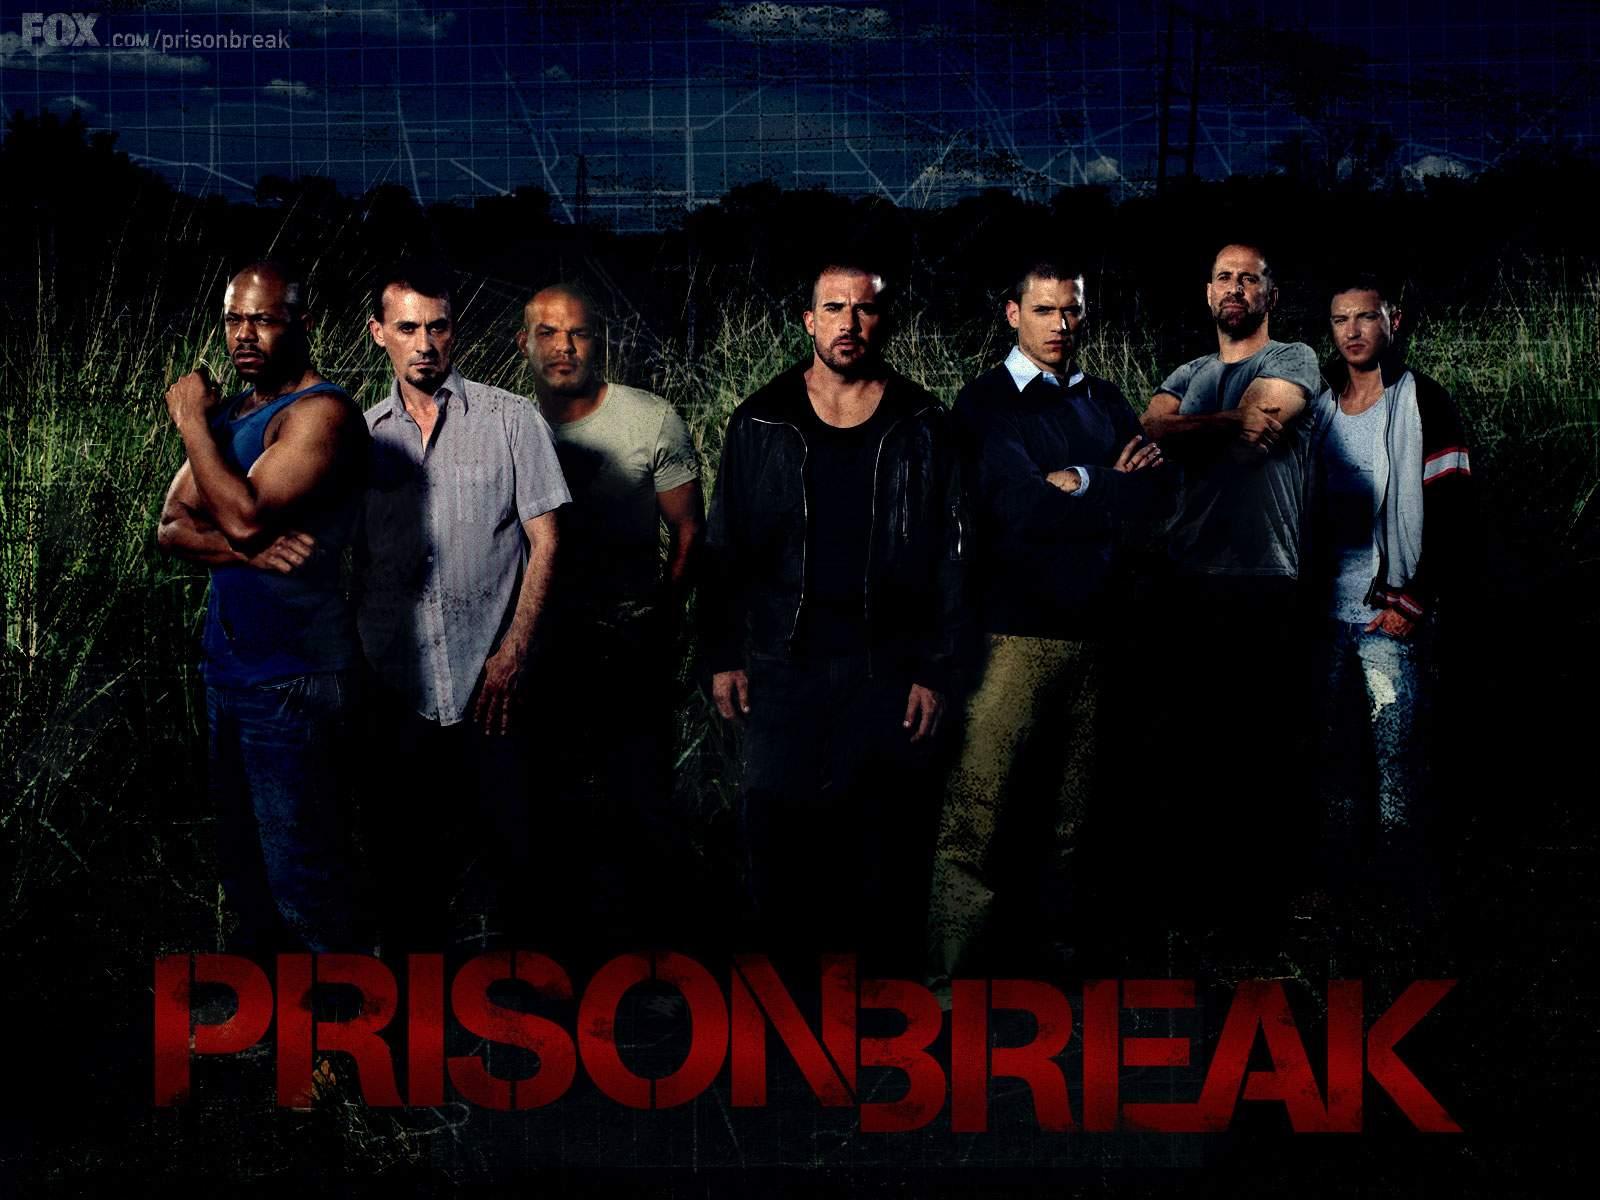 prison break season 2 poster 1